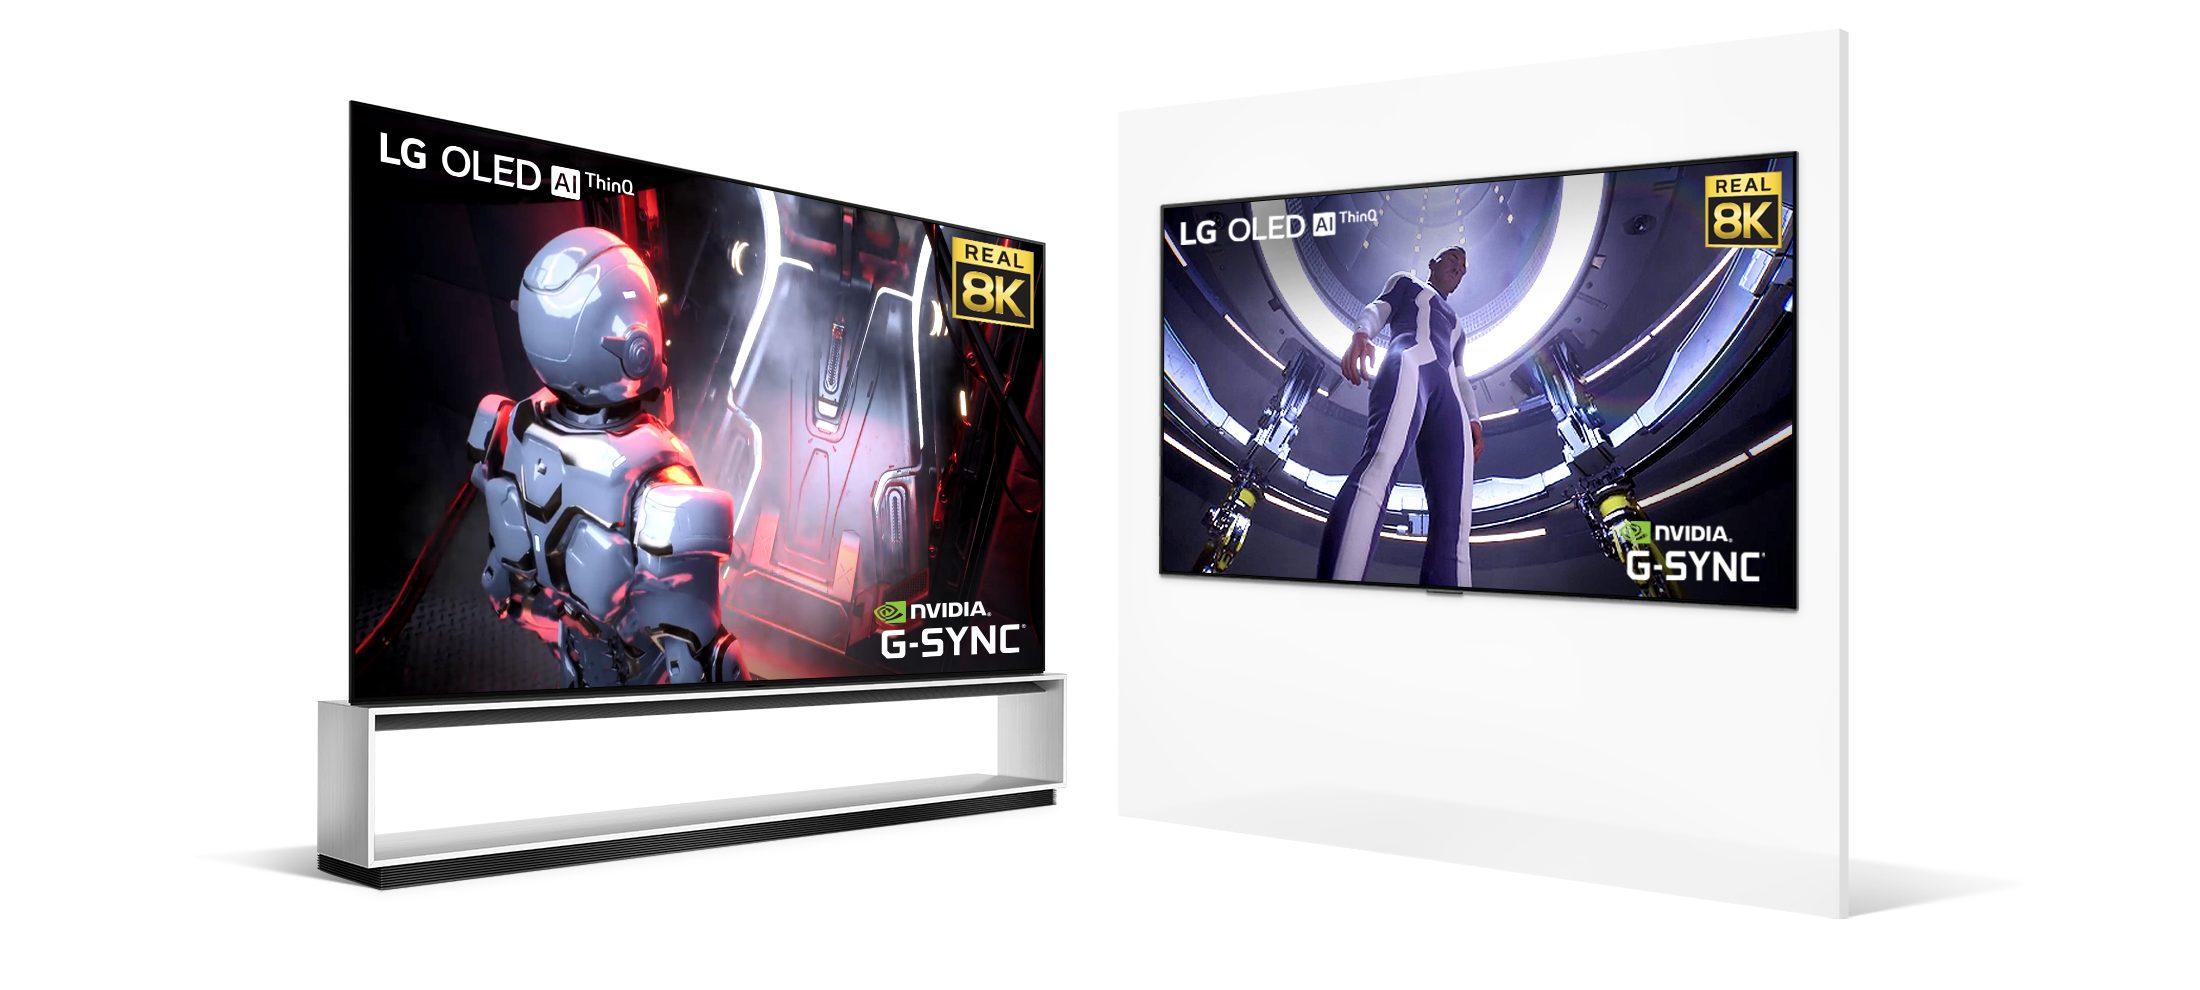 RTX 3000 Destekli Televizyon LG 8K OLED TV